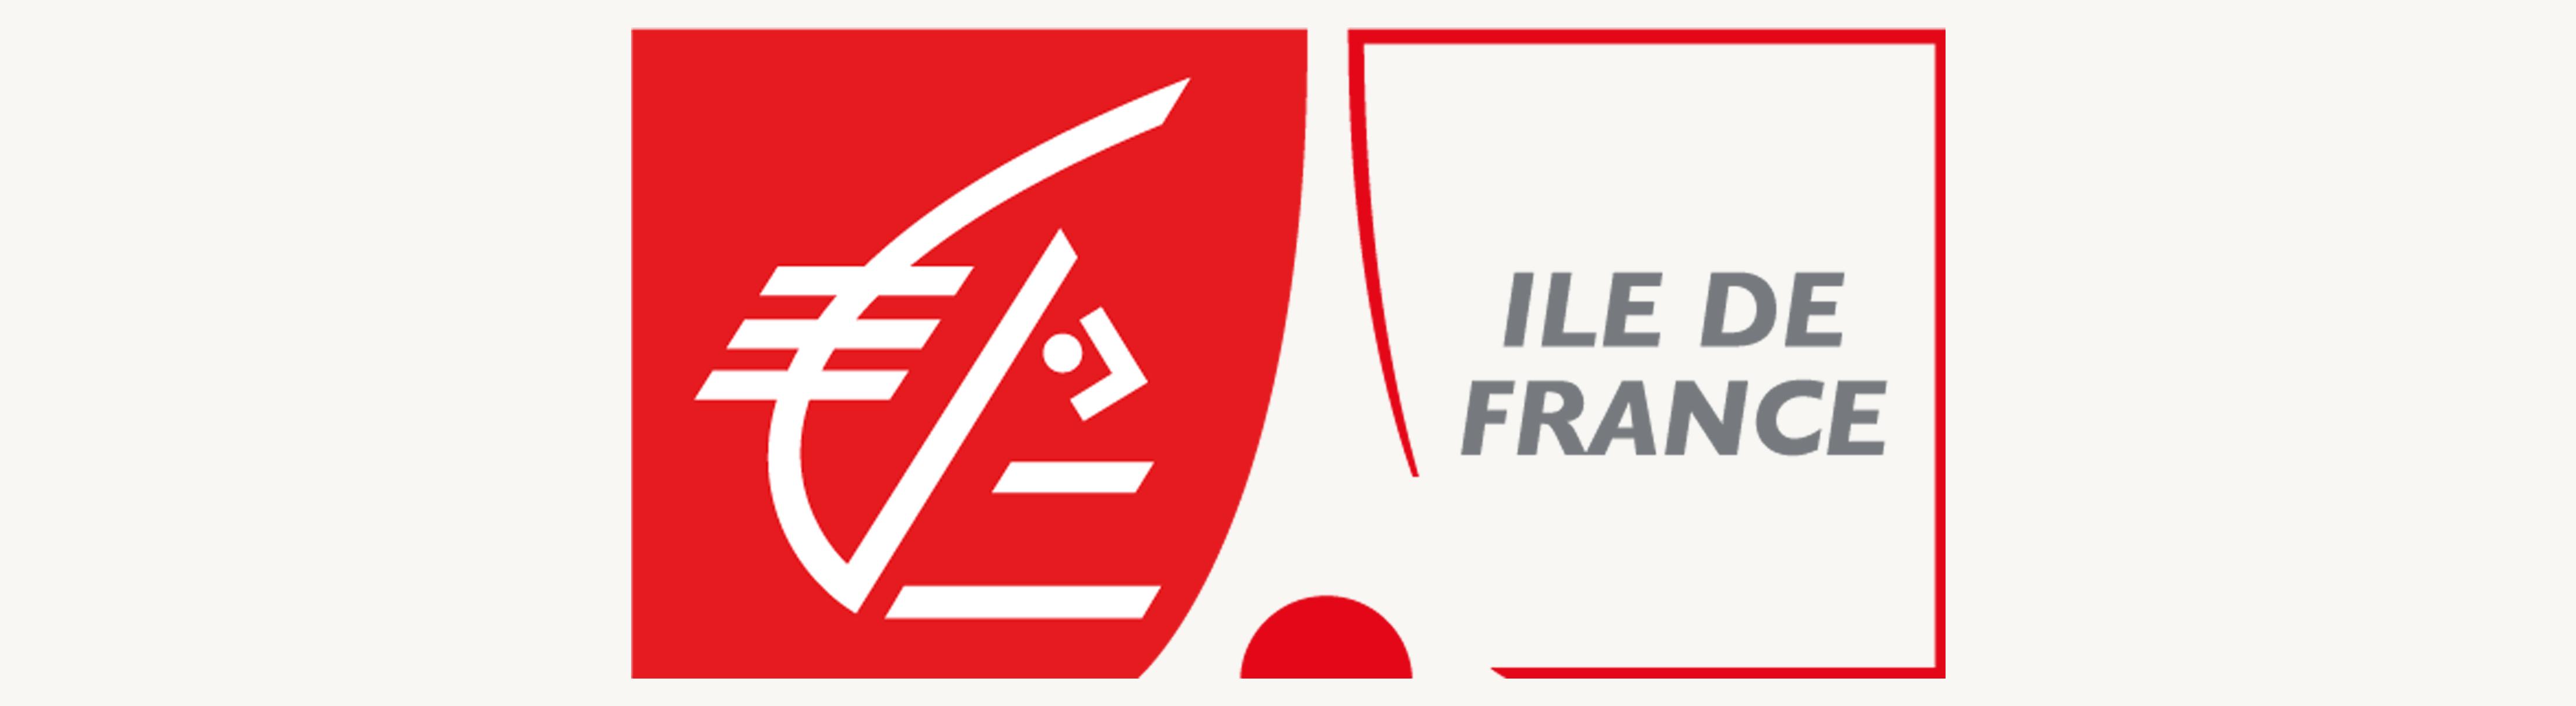 logo-focussurunmecene4